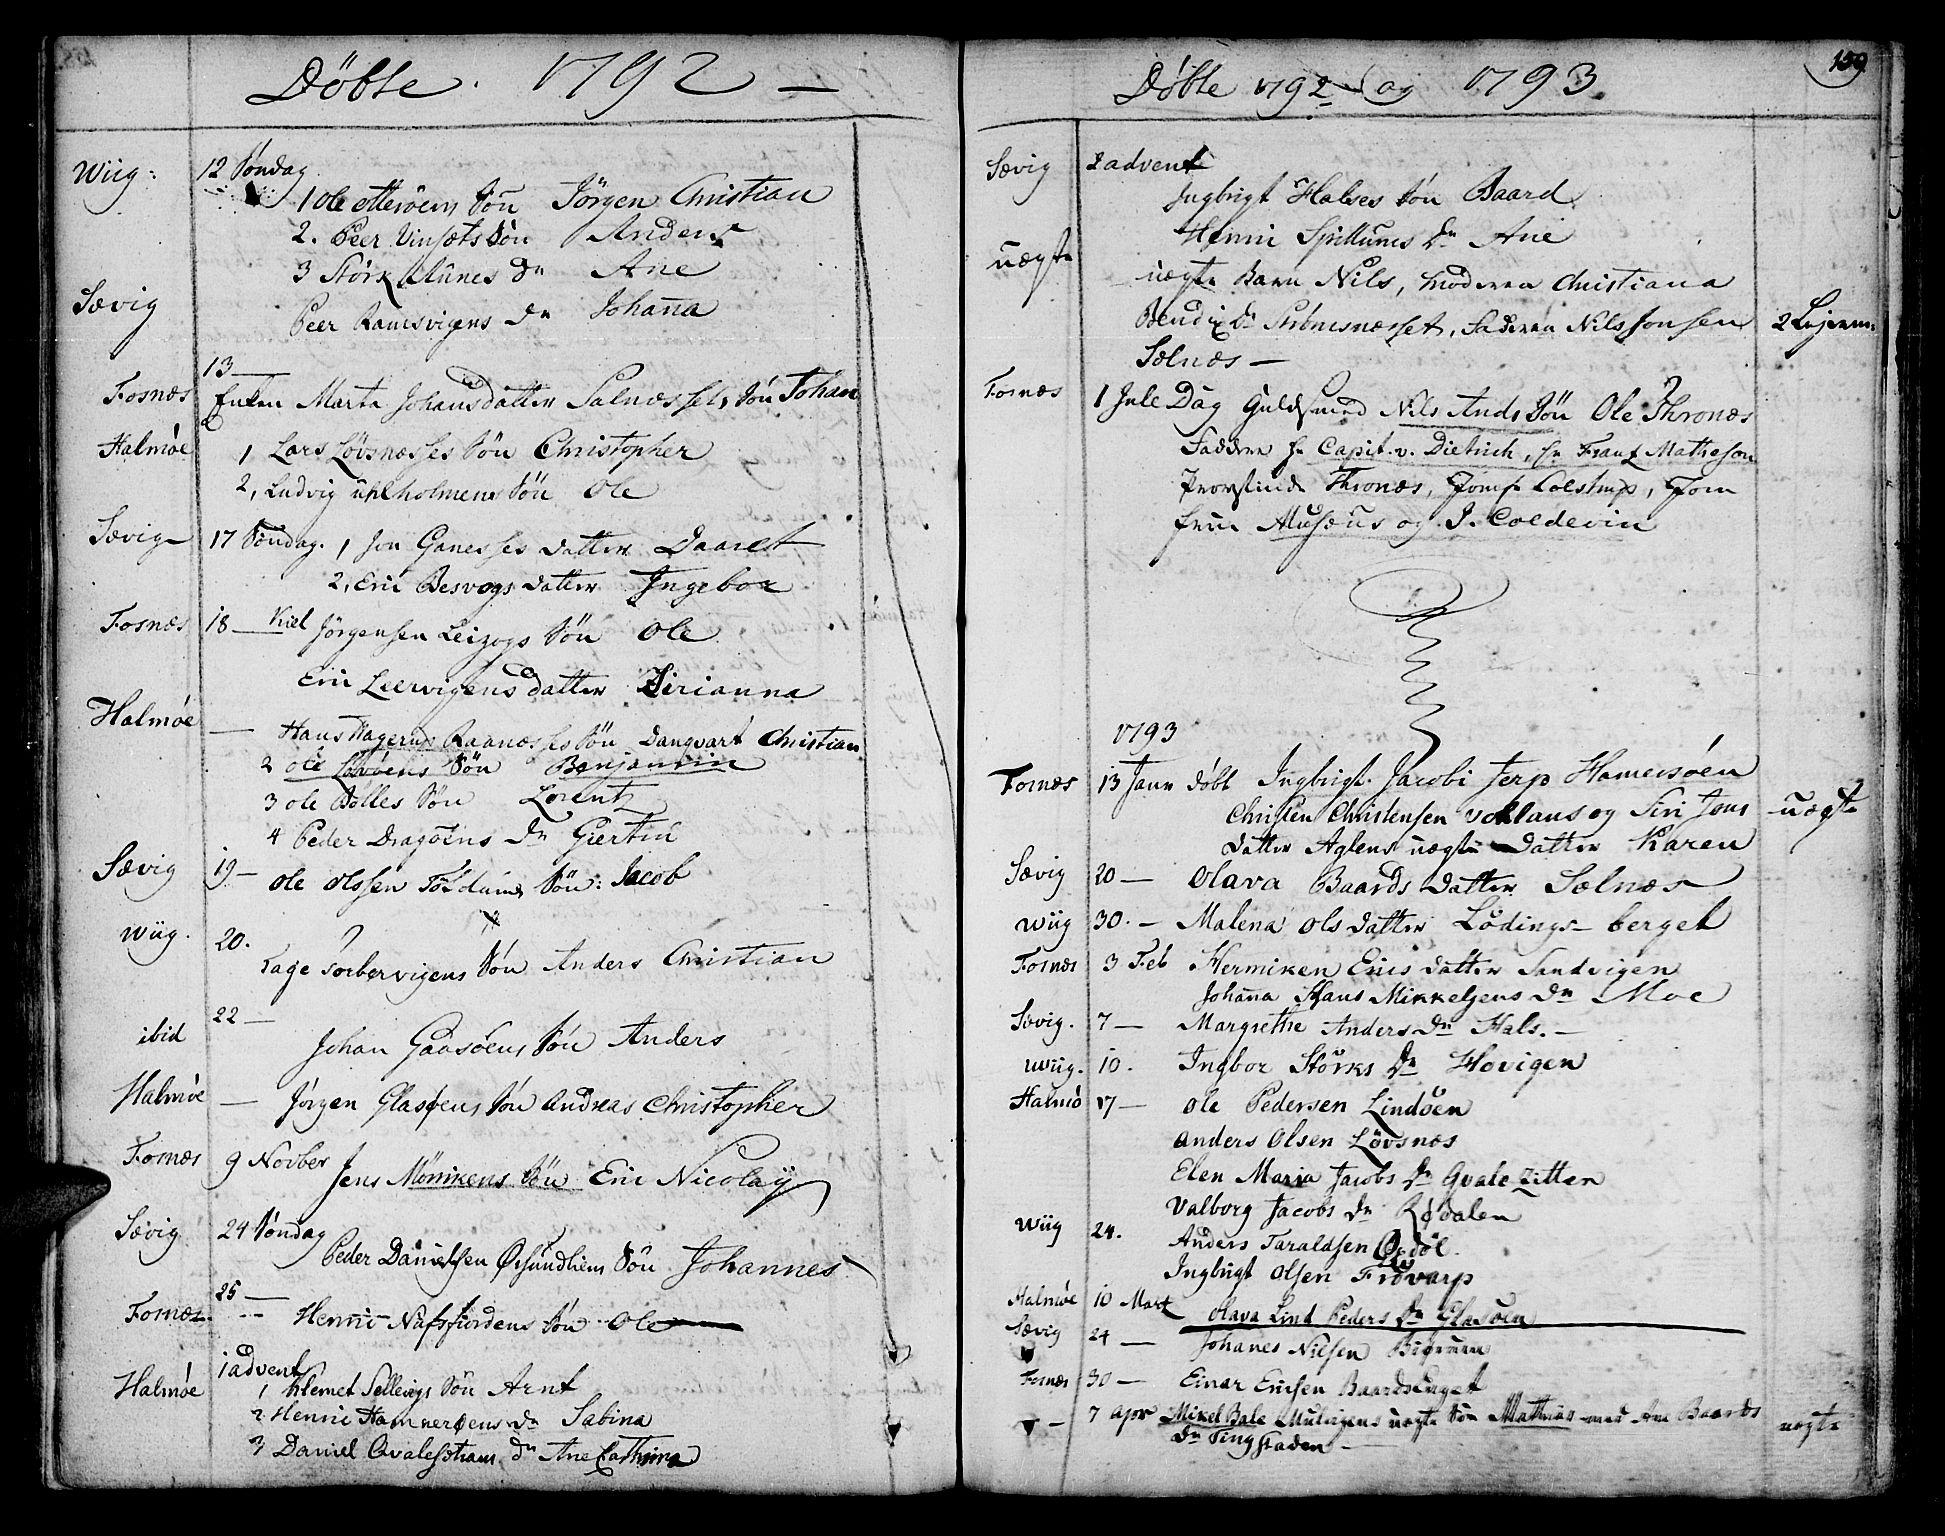 SAT, Ministerialprotokoller, klokkerbøker og fødselsregistre - Nord-Trøndelag, 773/L0608: Ministerialbok nr. 773A02, 1784-1816, s. 159